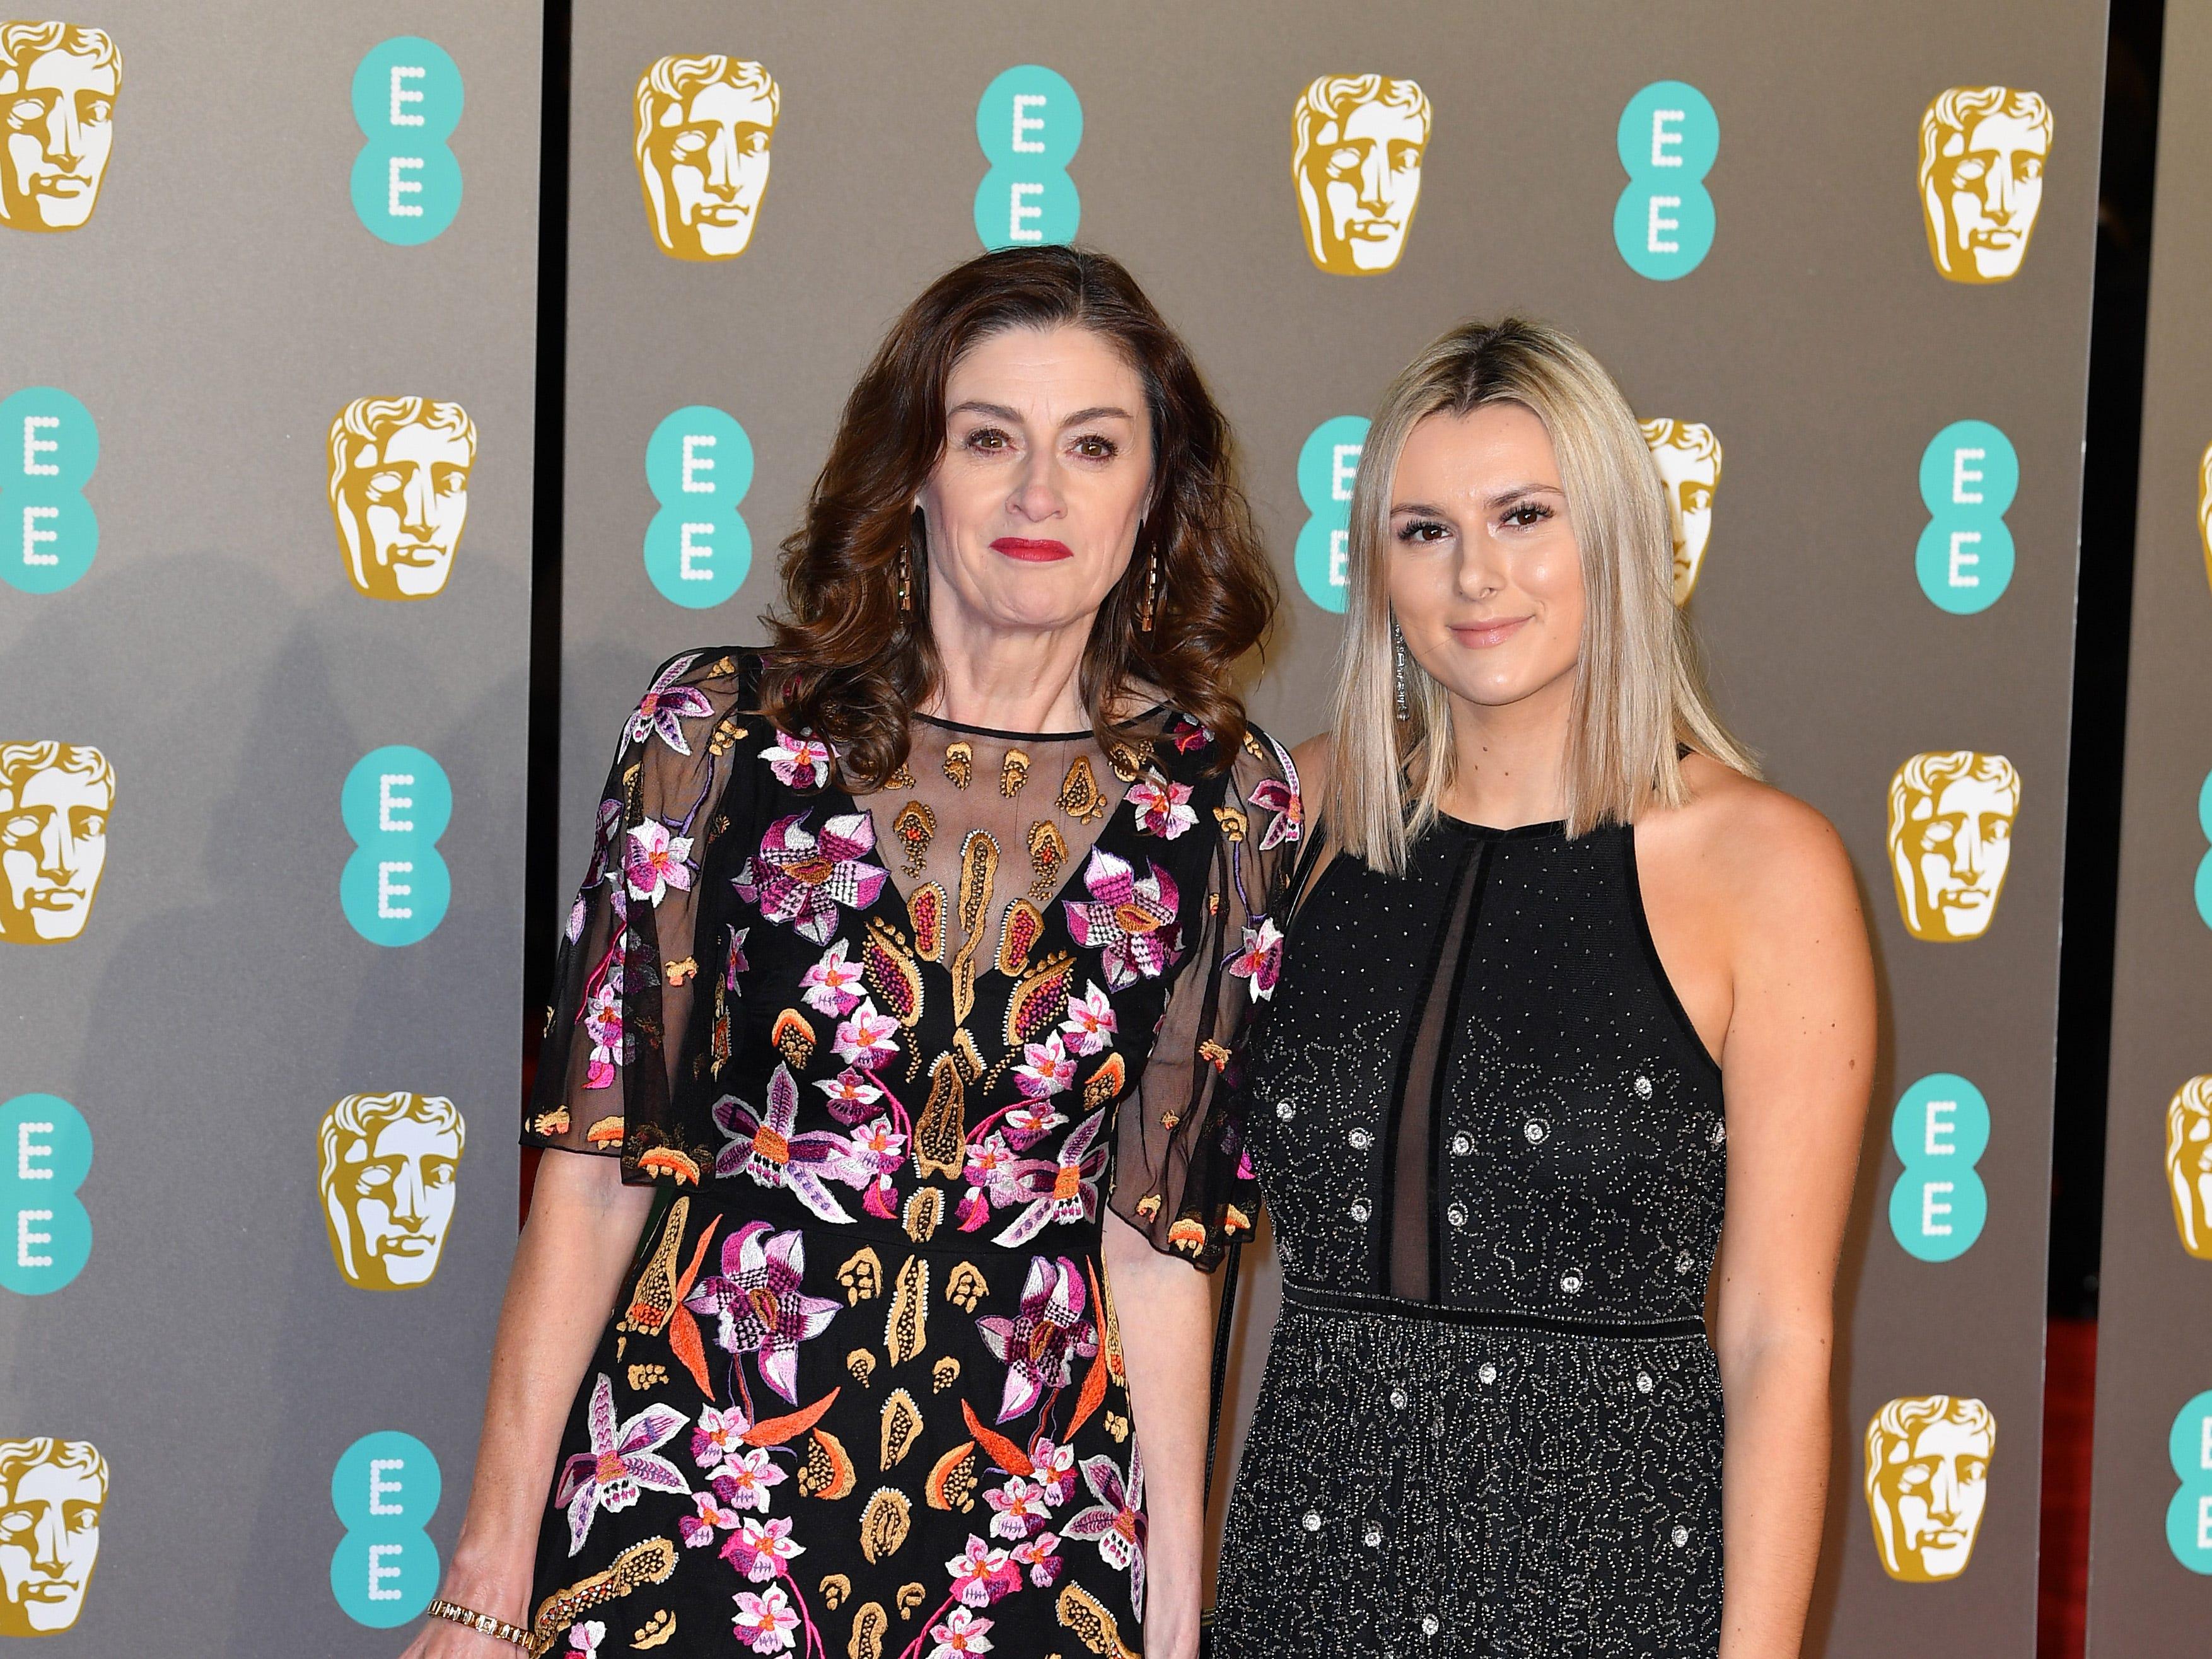 Amanda Barrie (izq) a su llegada a la alfombra roja de los Premios de la Academia Británica de Cine BAFTA en el Royal Albert Hall en Londres el 10 de febrero de 2019.